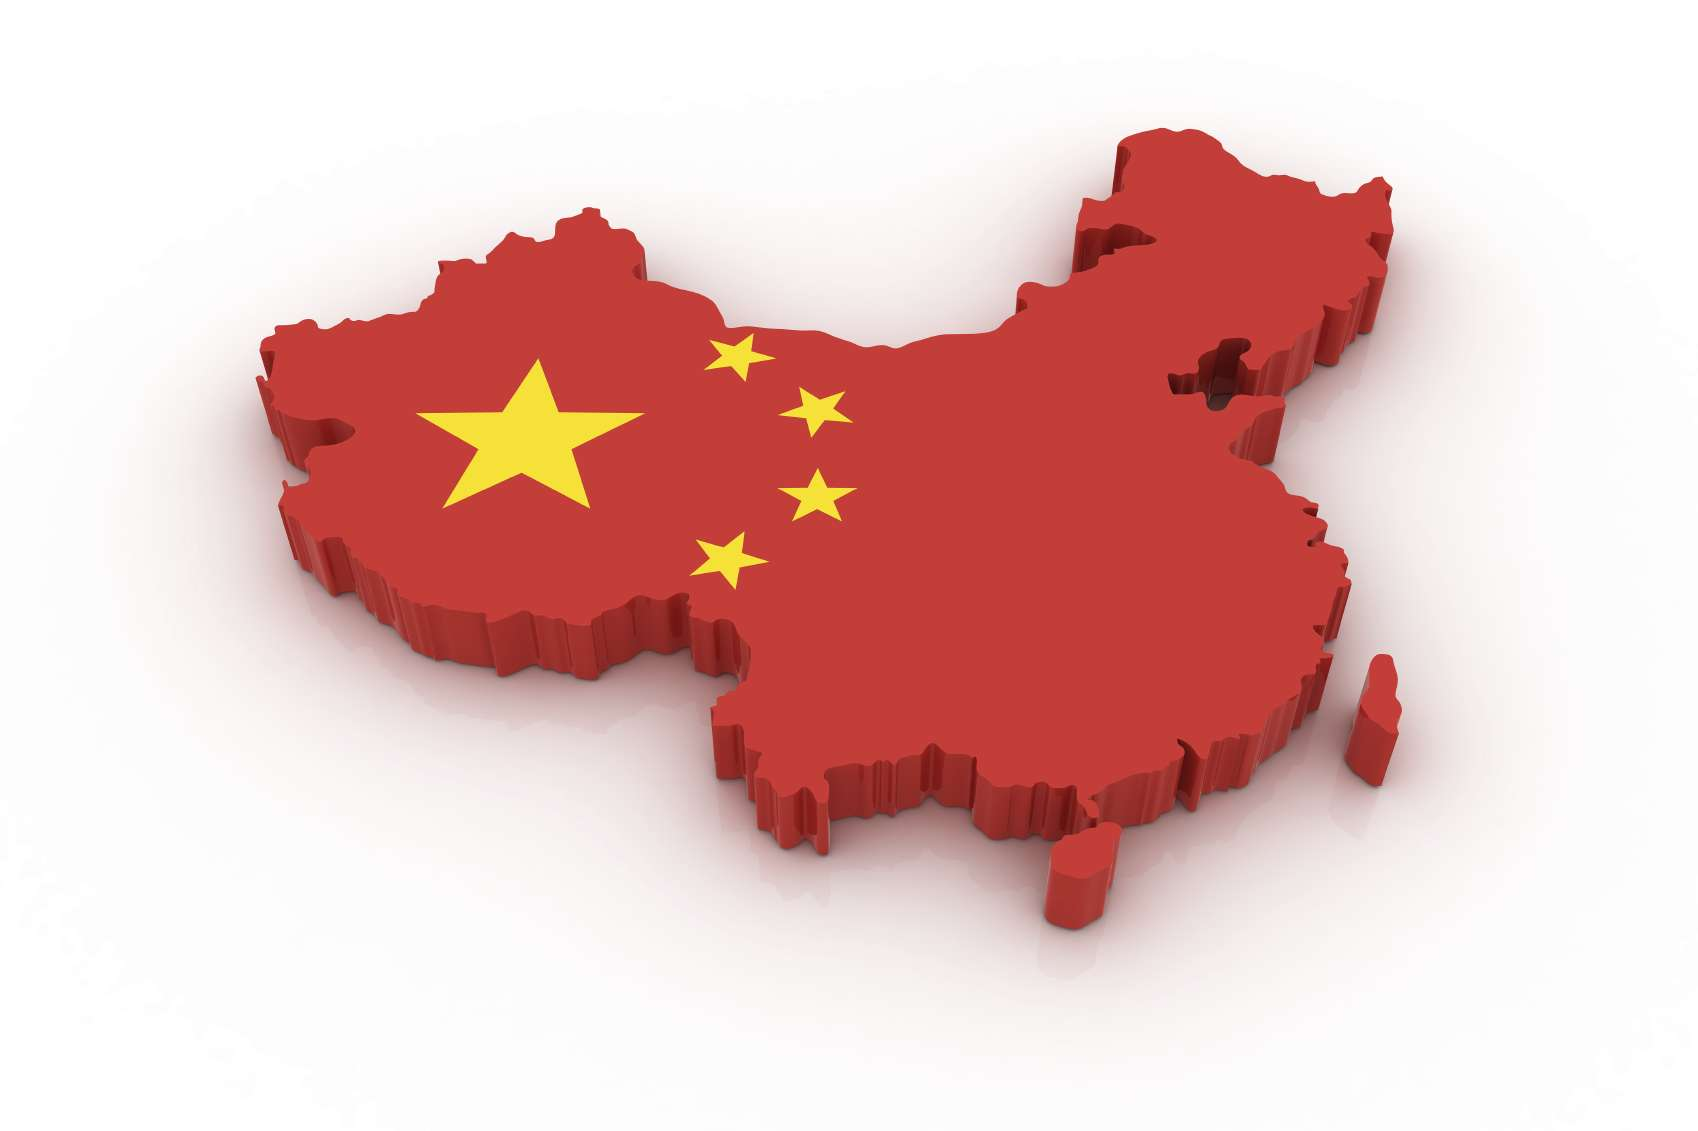 Η οικονομία της Κίνας από το 1979 άρχισε να μεταβάλλεται από αγροτική σε βιομηχανική σκαρφαλώνοντας στις πρώτες θέσεις εξαγωγών παγκοσμίως.